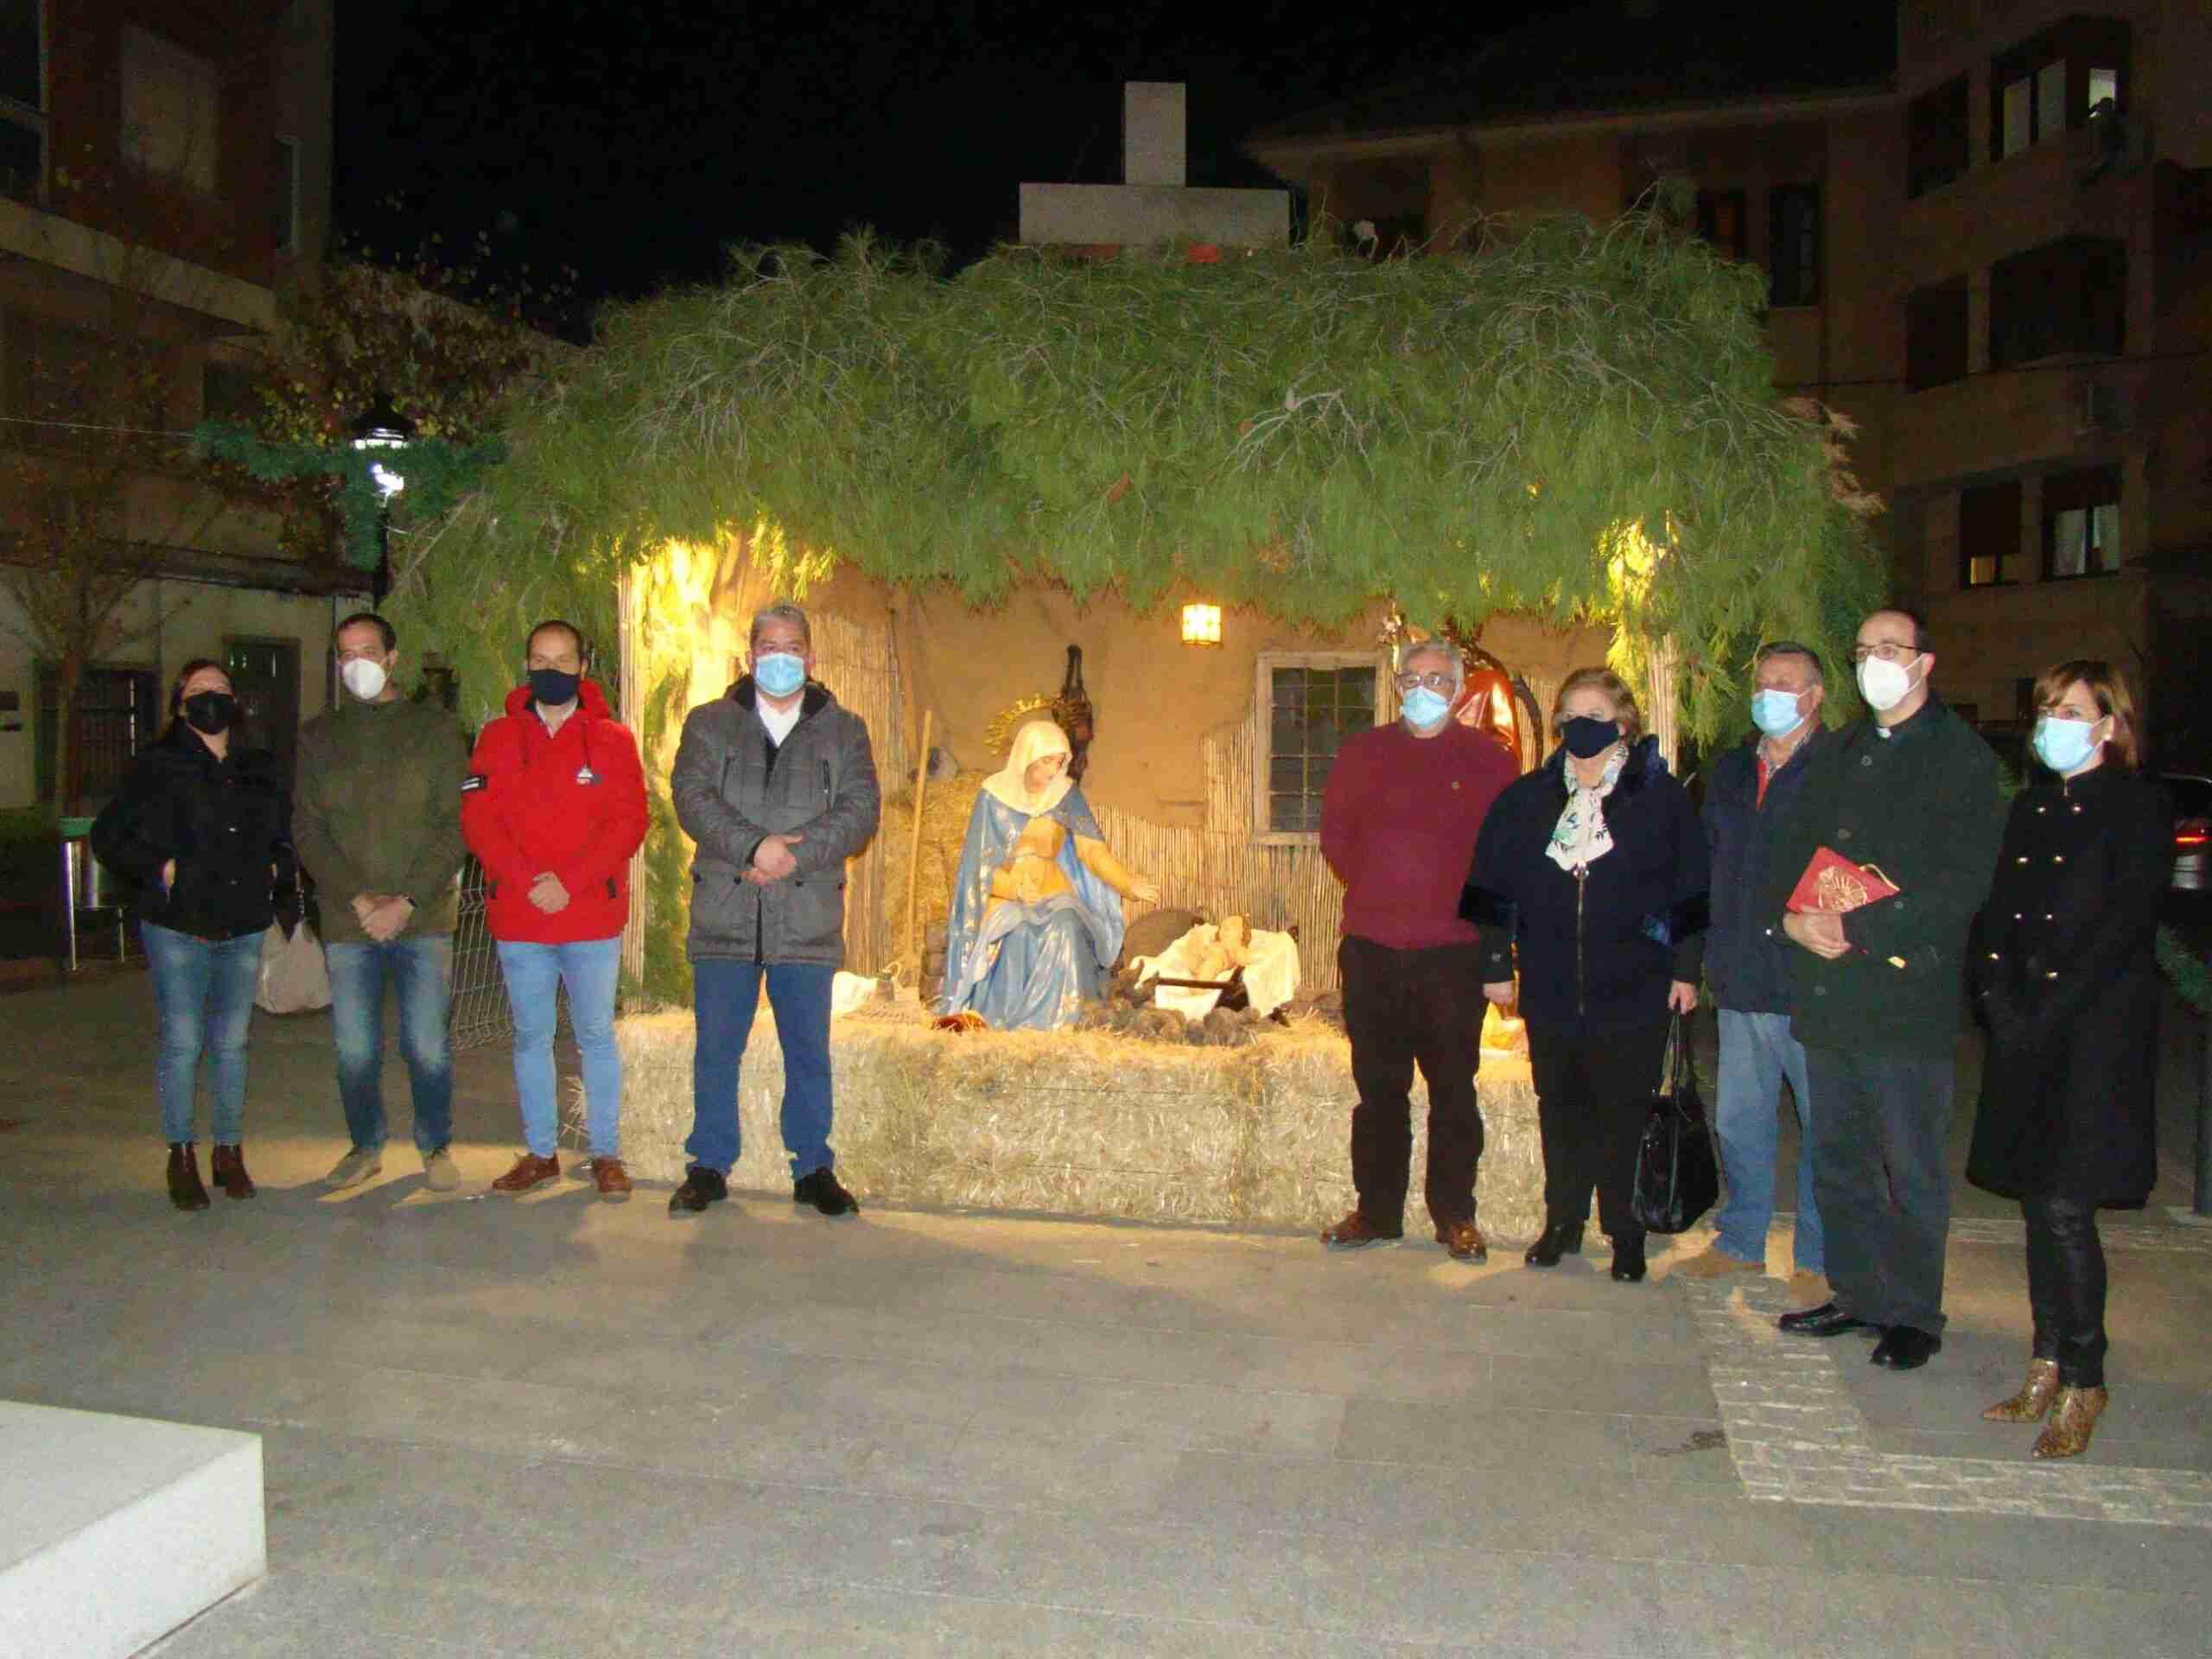 El espíritu navideño resurge en Quintanar con el inicio de una Navidad muy especial 9